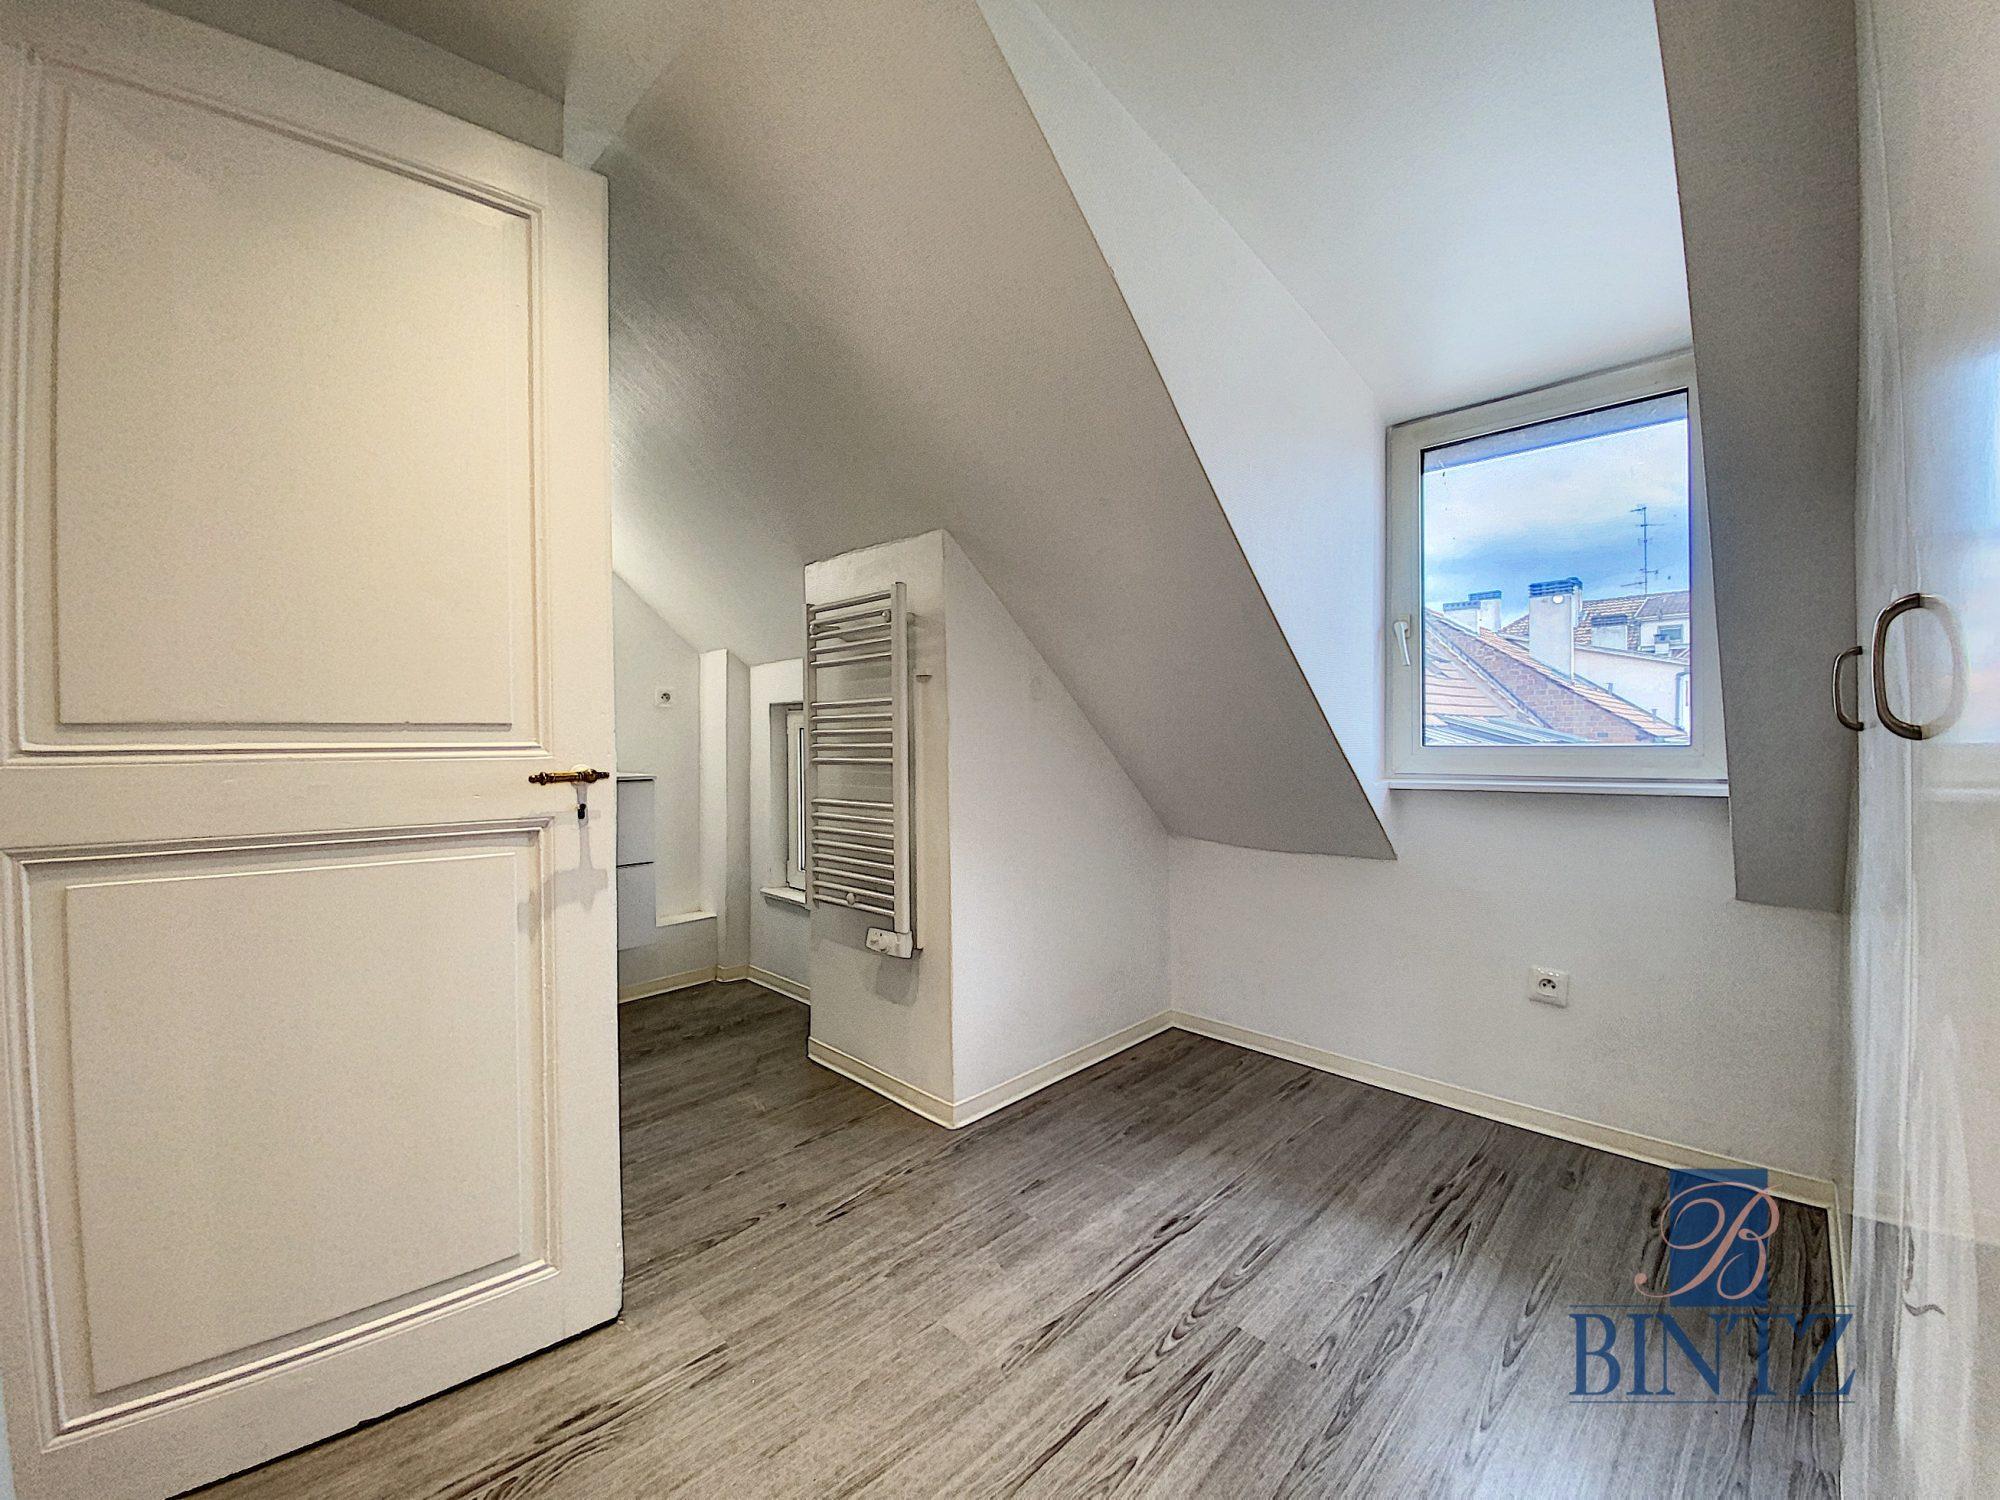 T3 BD LEBLOIS 5EME - Devenez locataire en toute sérénité - Bintz Immobilier - 14